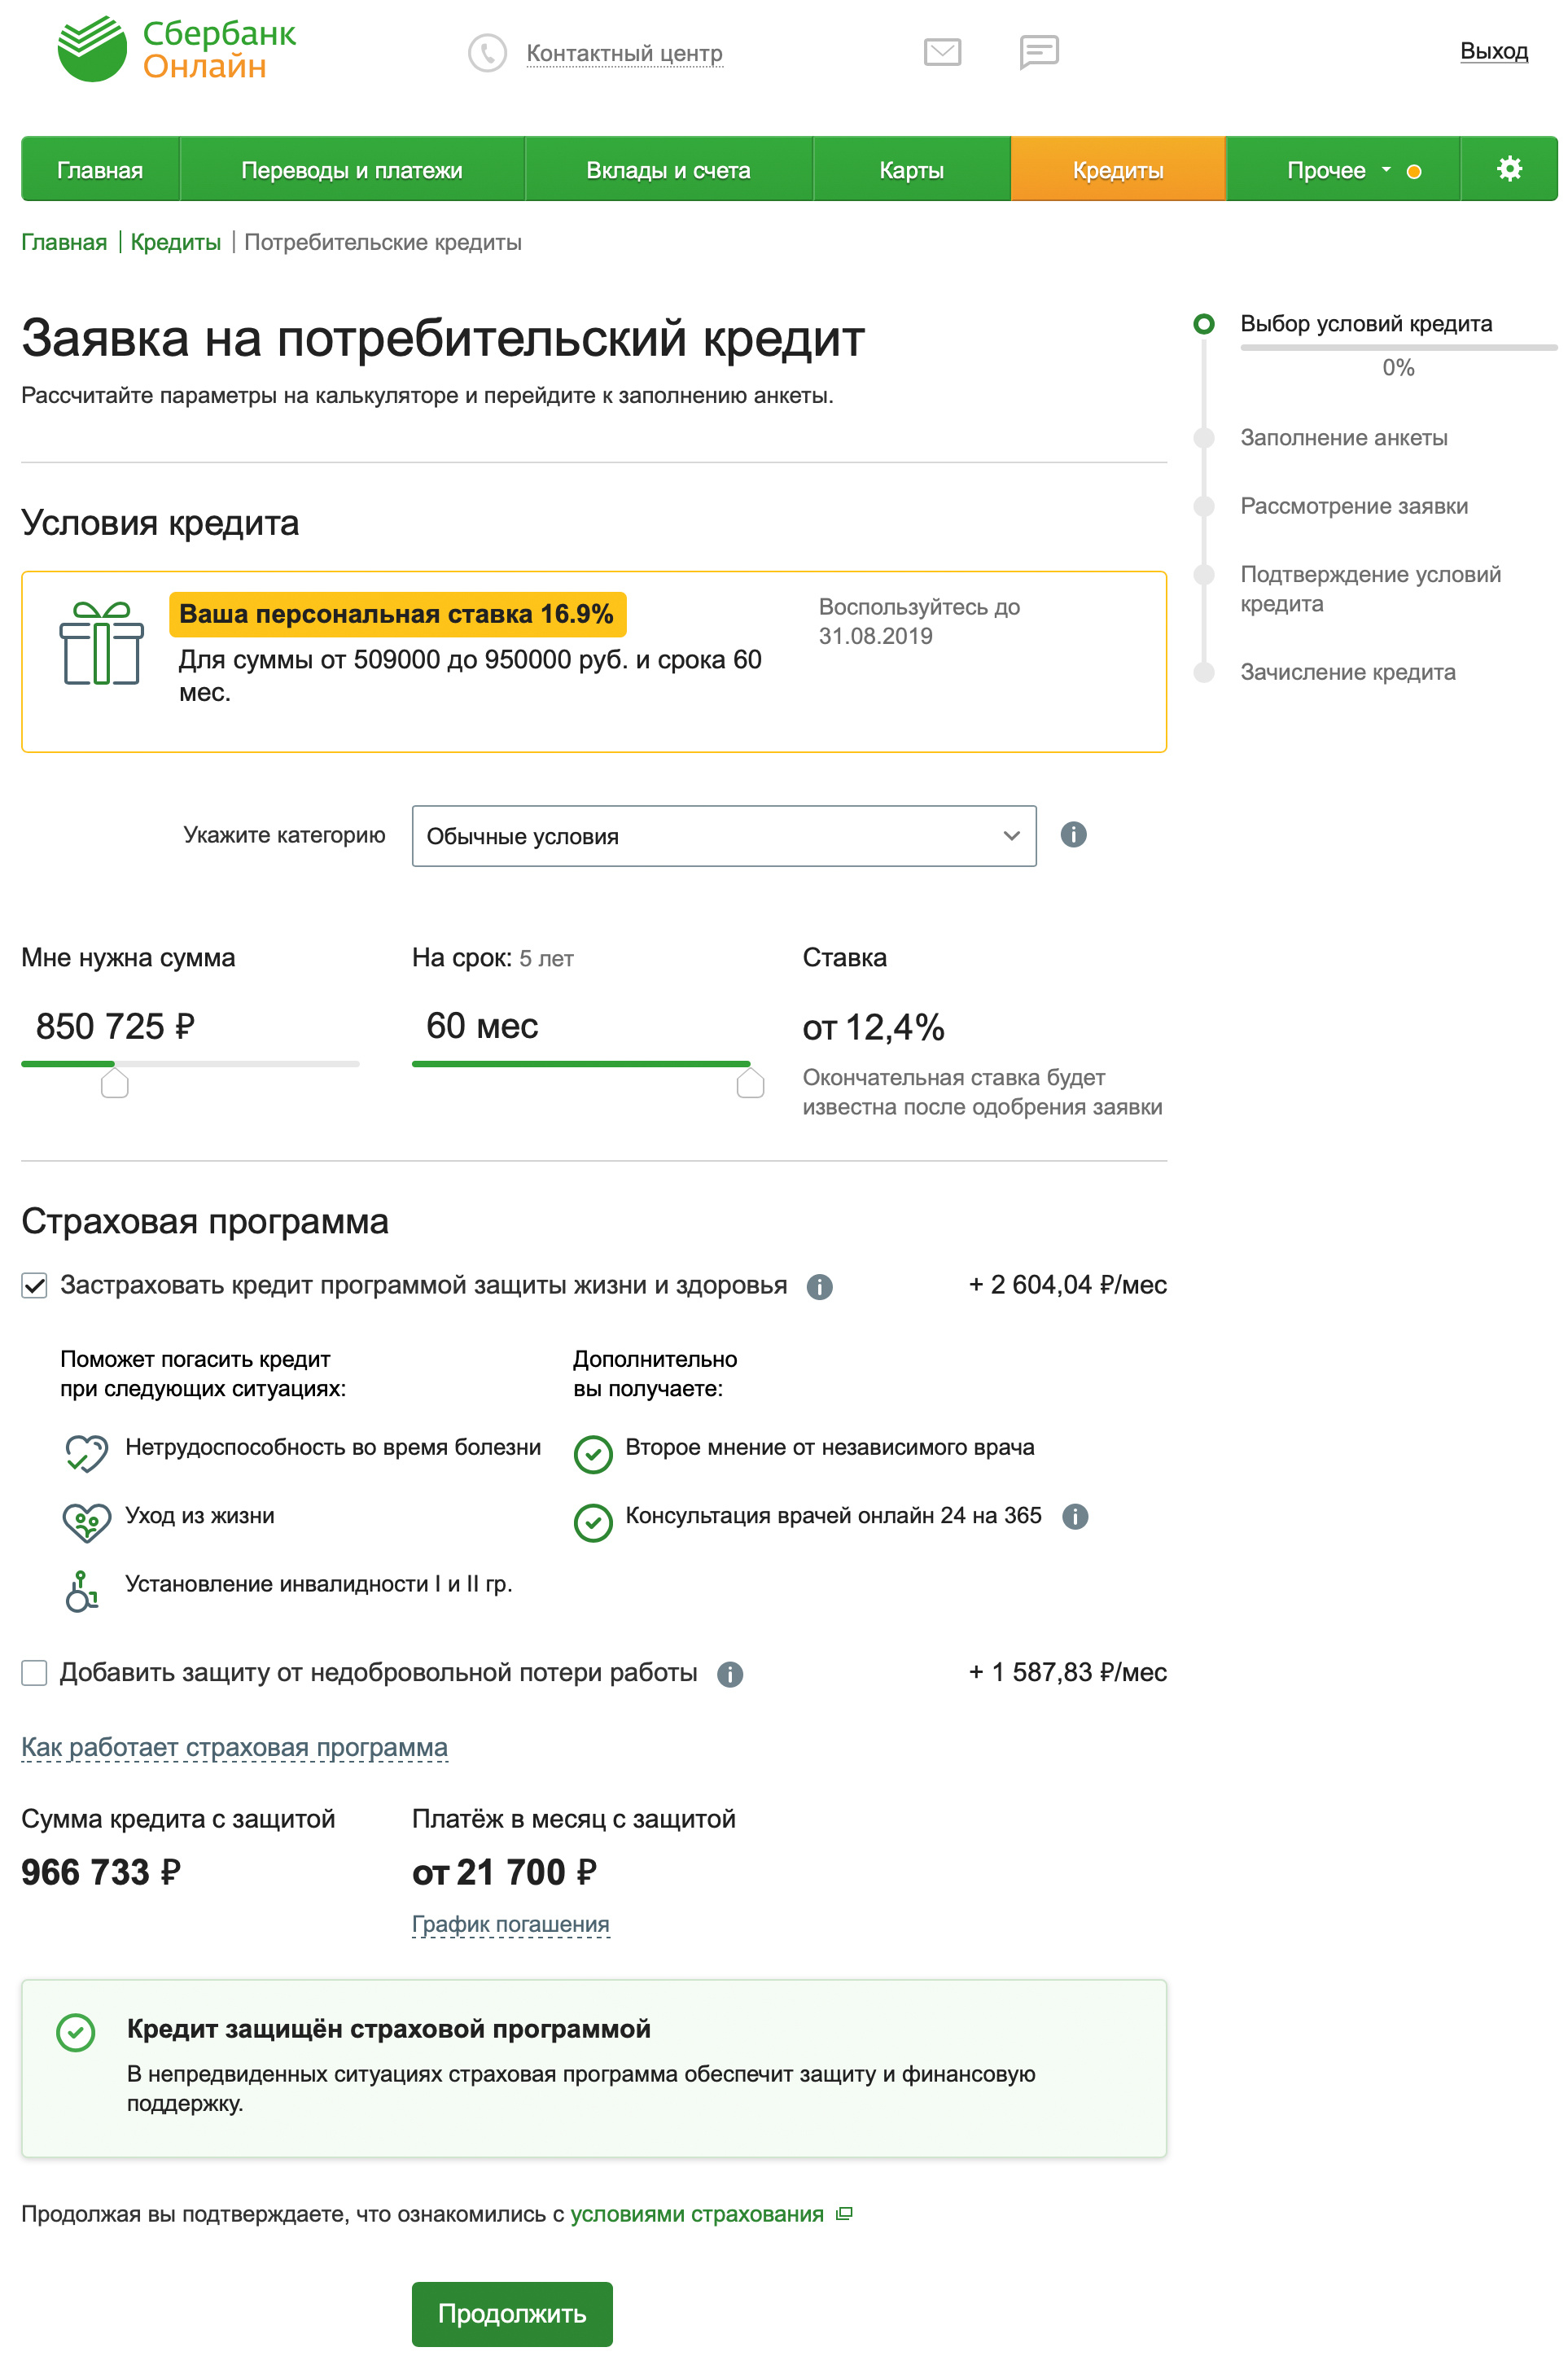 сбербанк кредит онлайн заявка на кредит наличными по паспорту